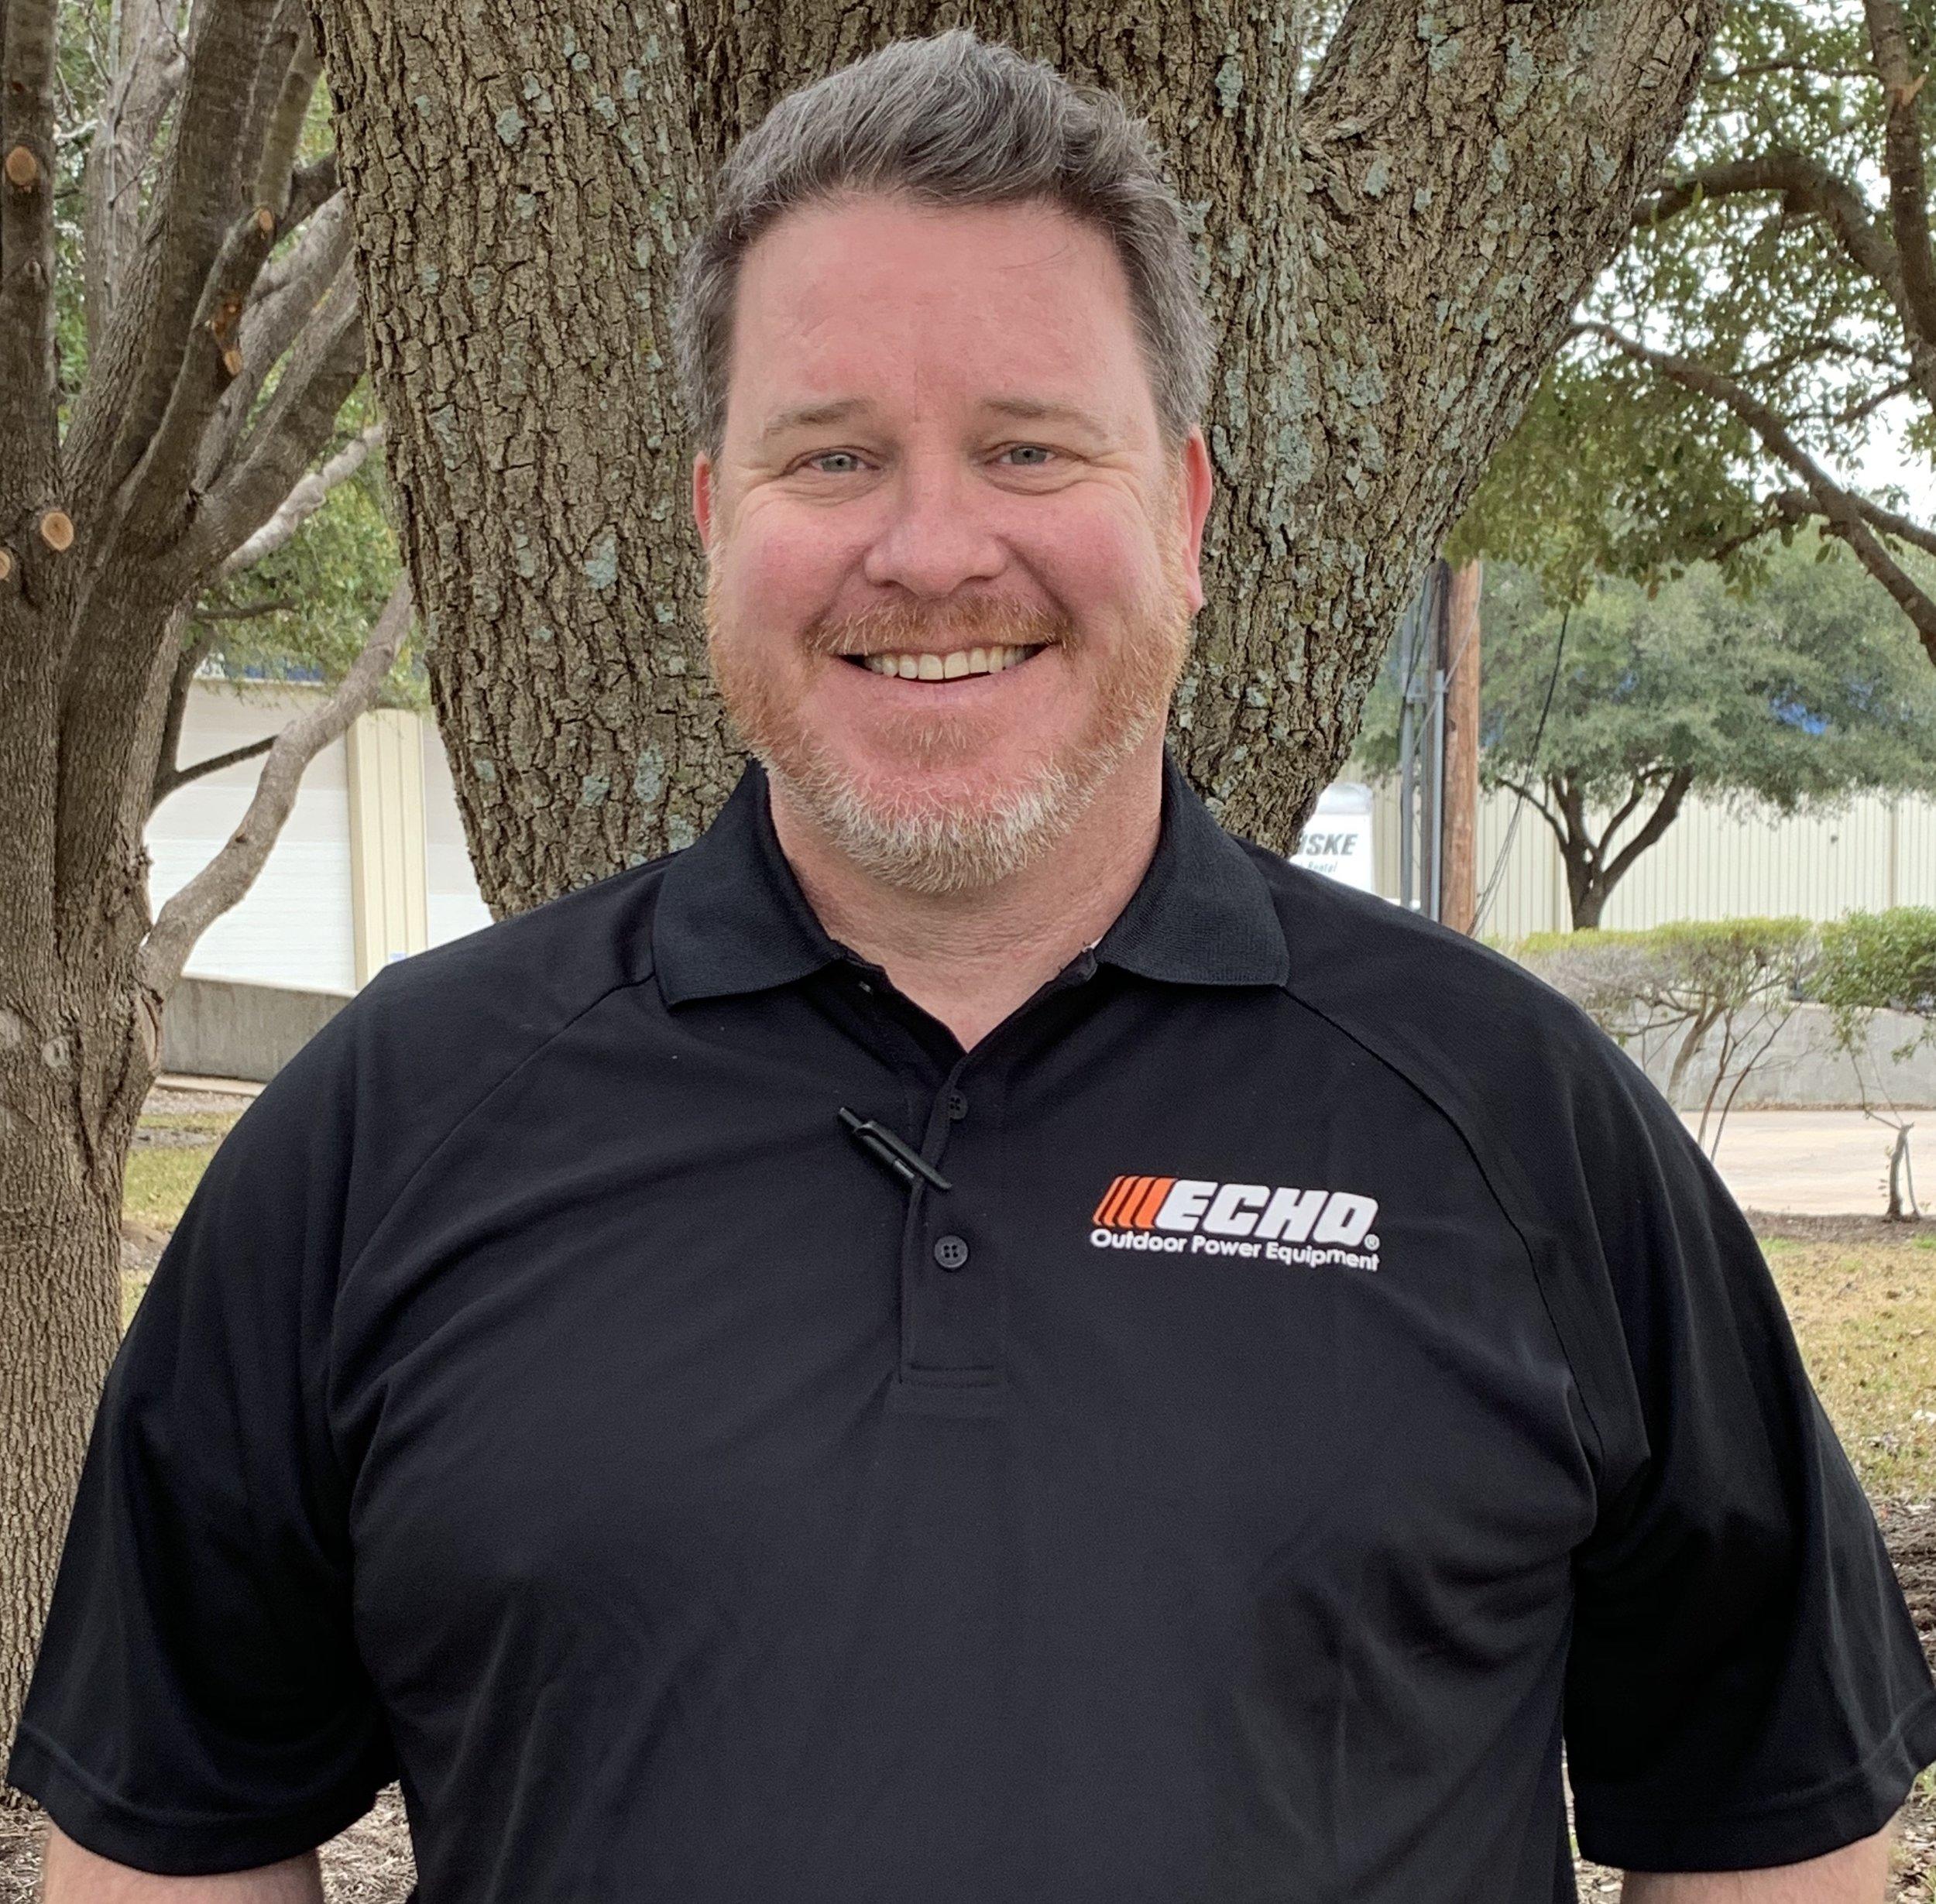 Derek Barton - derekbarton@topequipment.net